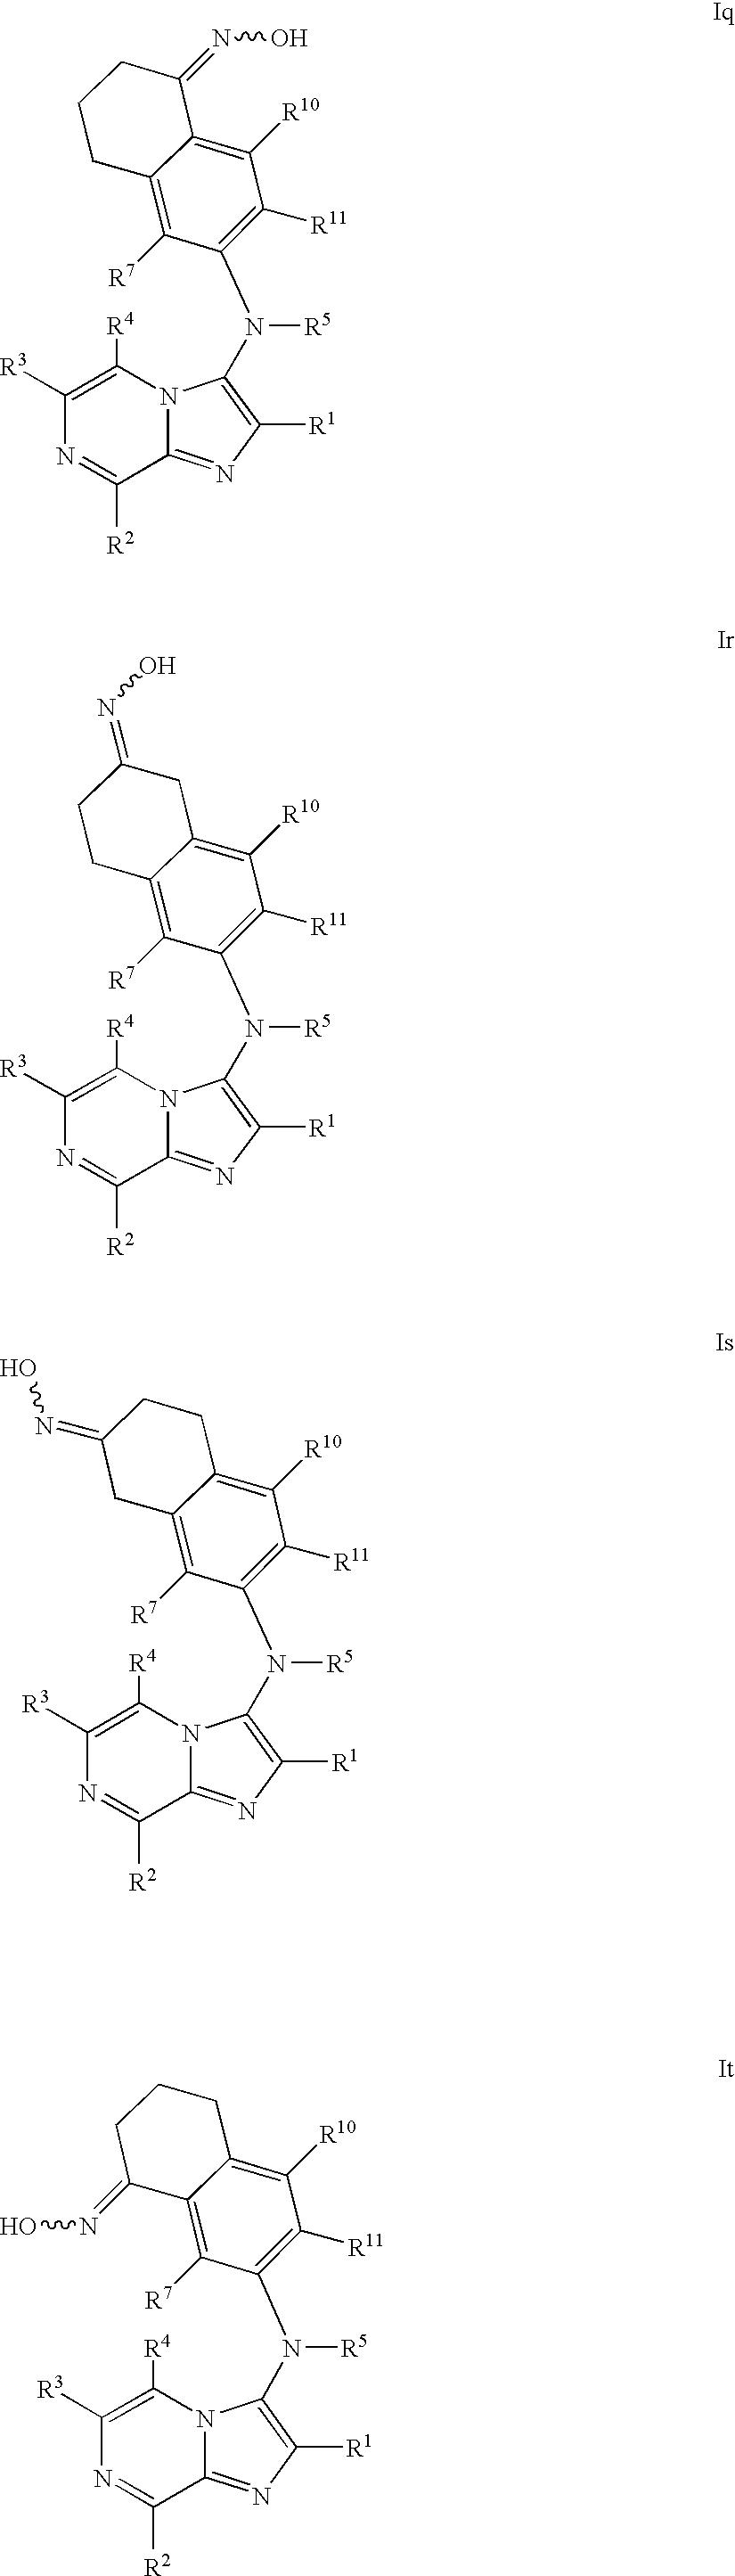 Figure US07566716-20090728-C00128